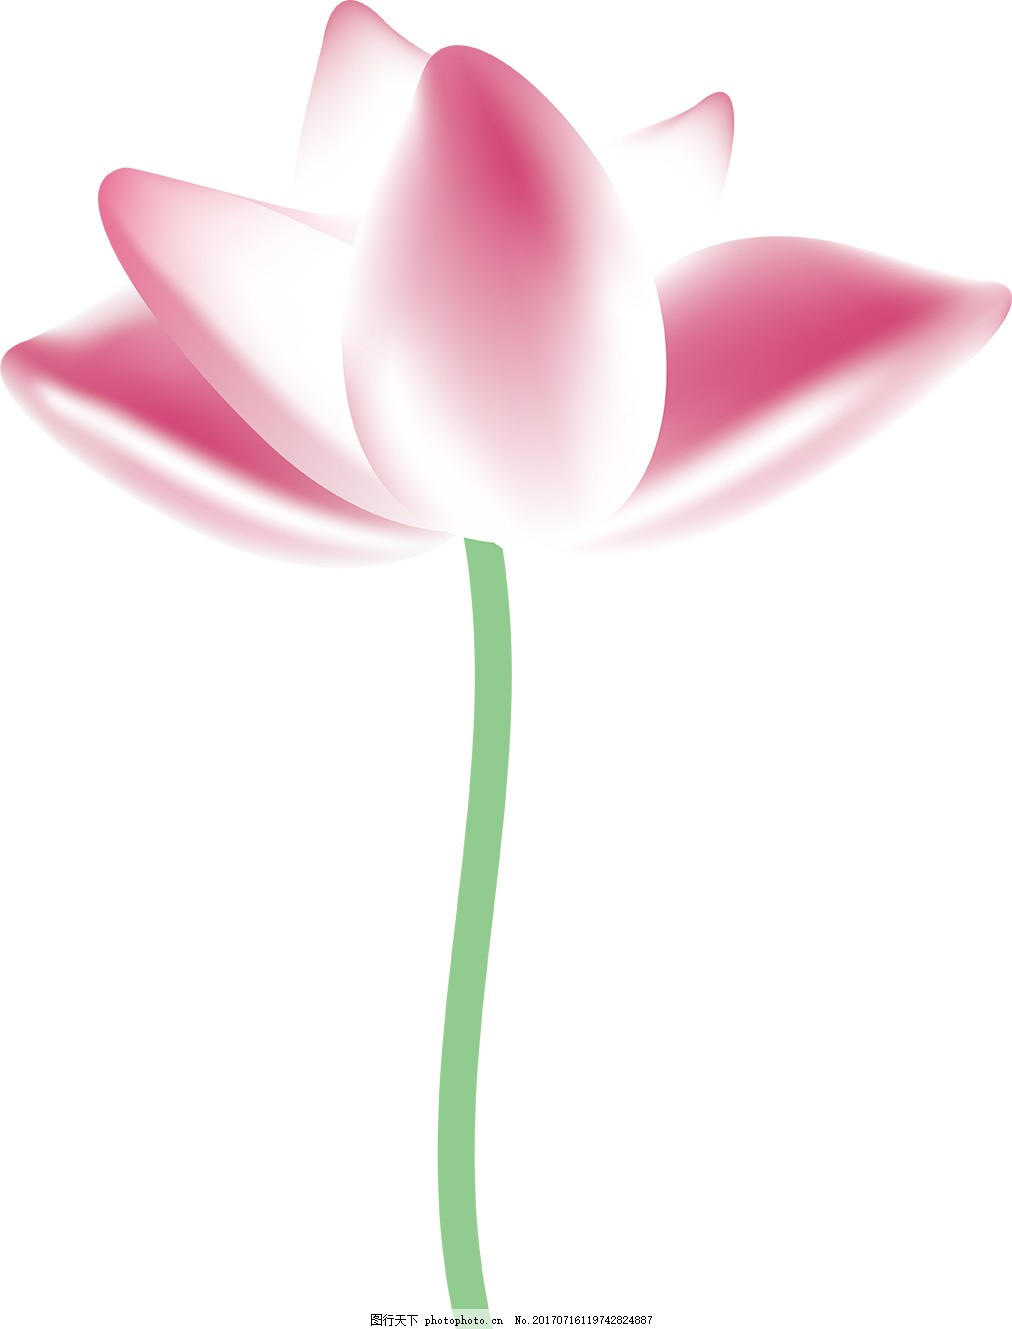 荷花素材矢量荷花图标 花卉 花朵 植物 插画 标签 背景 海报